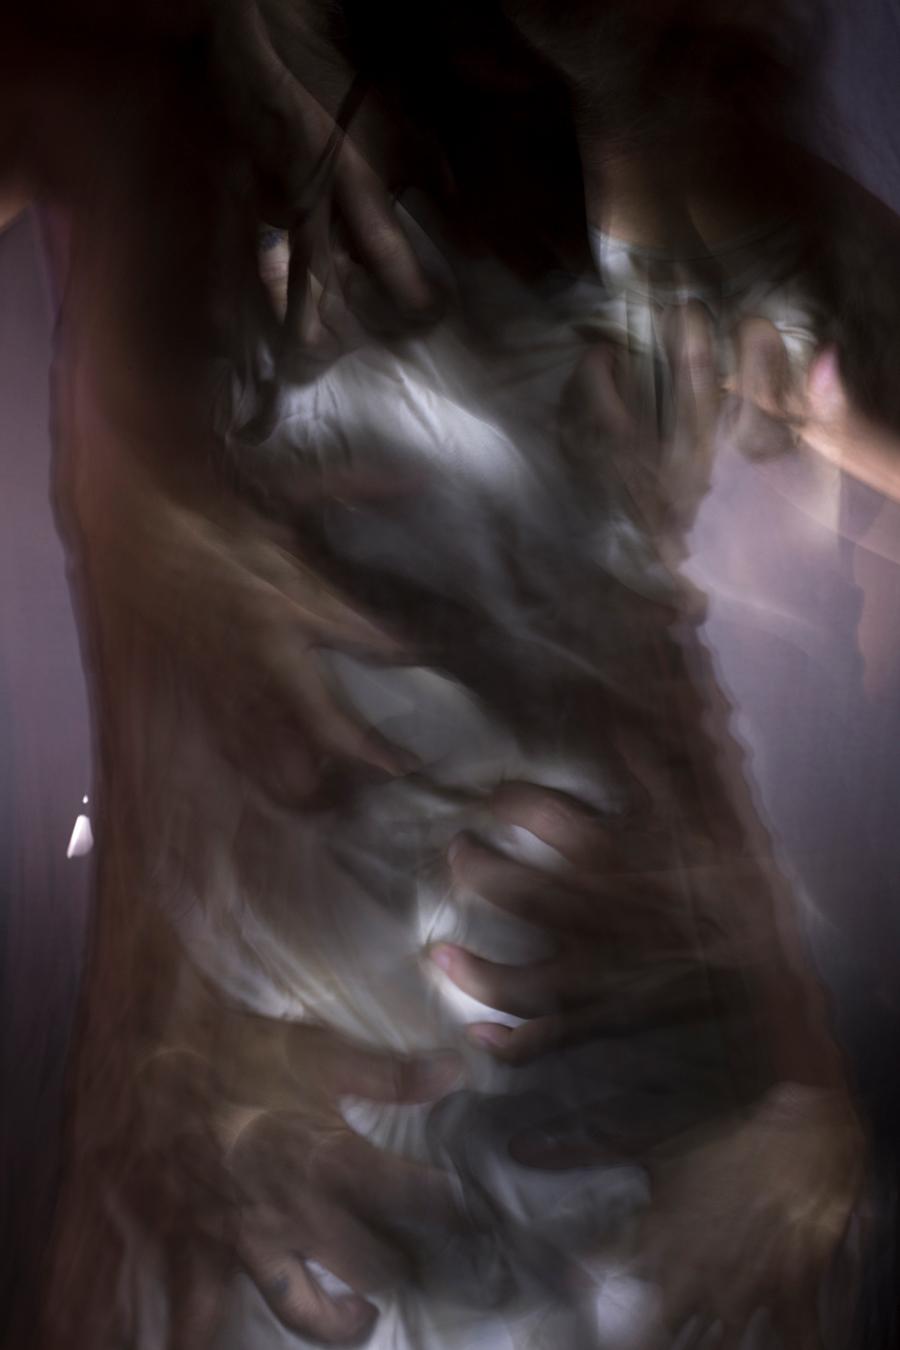 emergere-dal-buio-si-puo-ritratti-light-painting-allebonicalzi-3